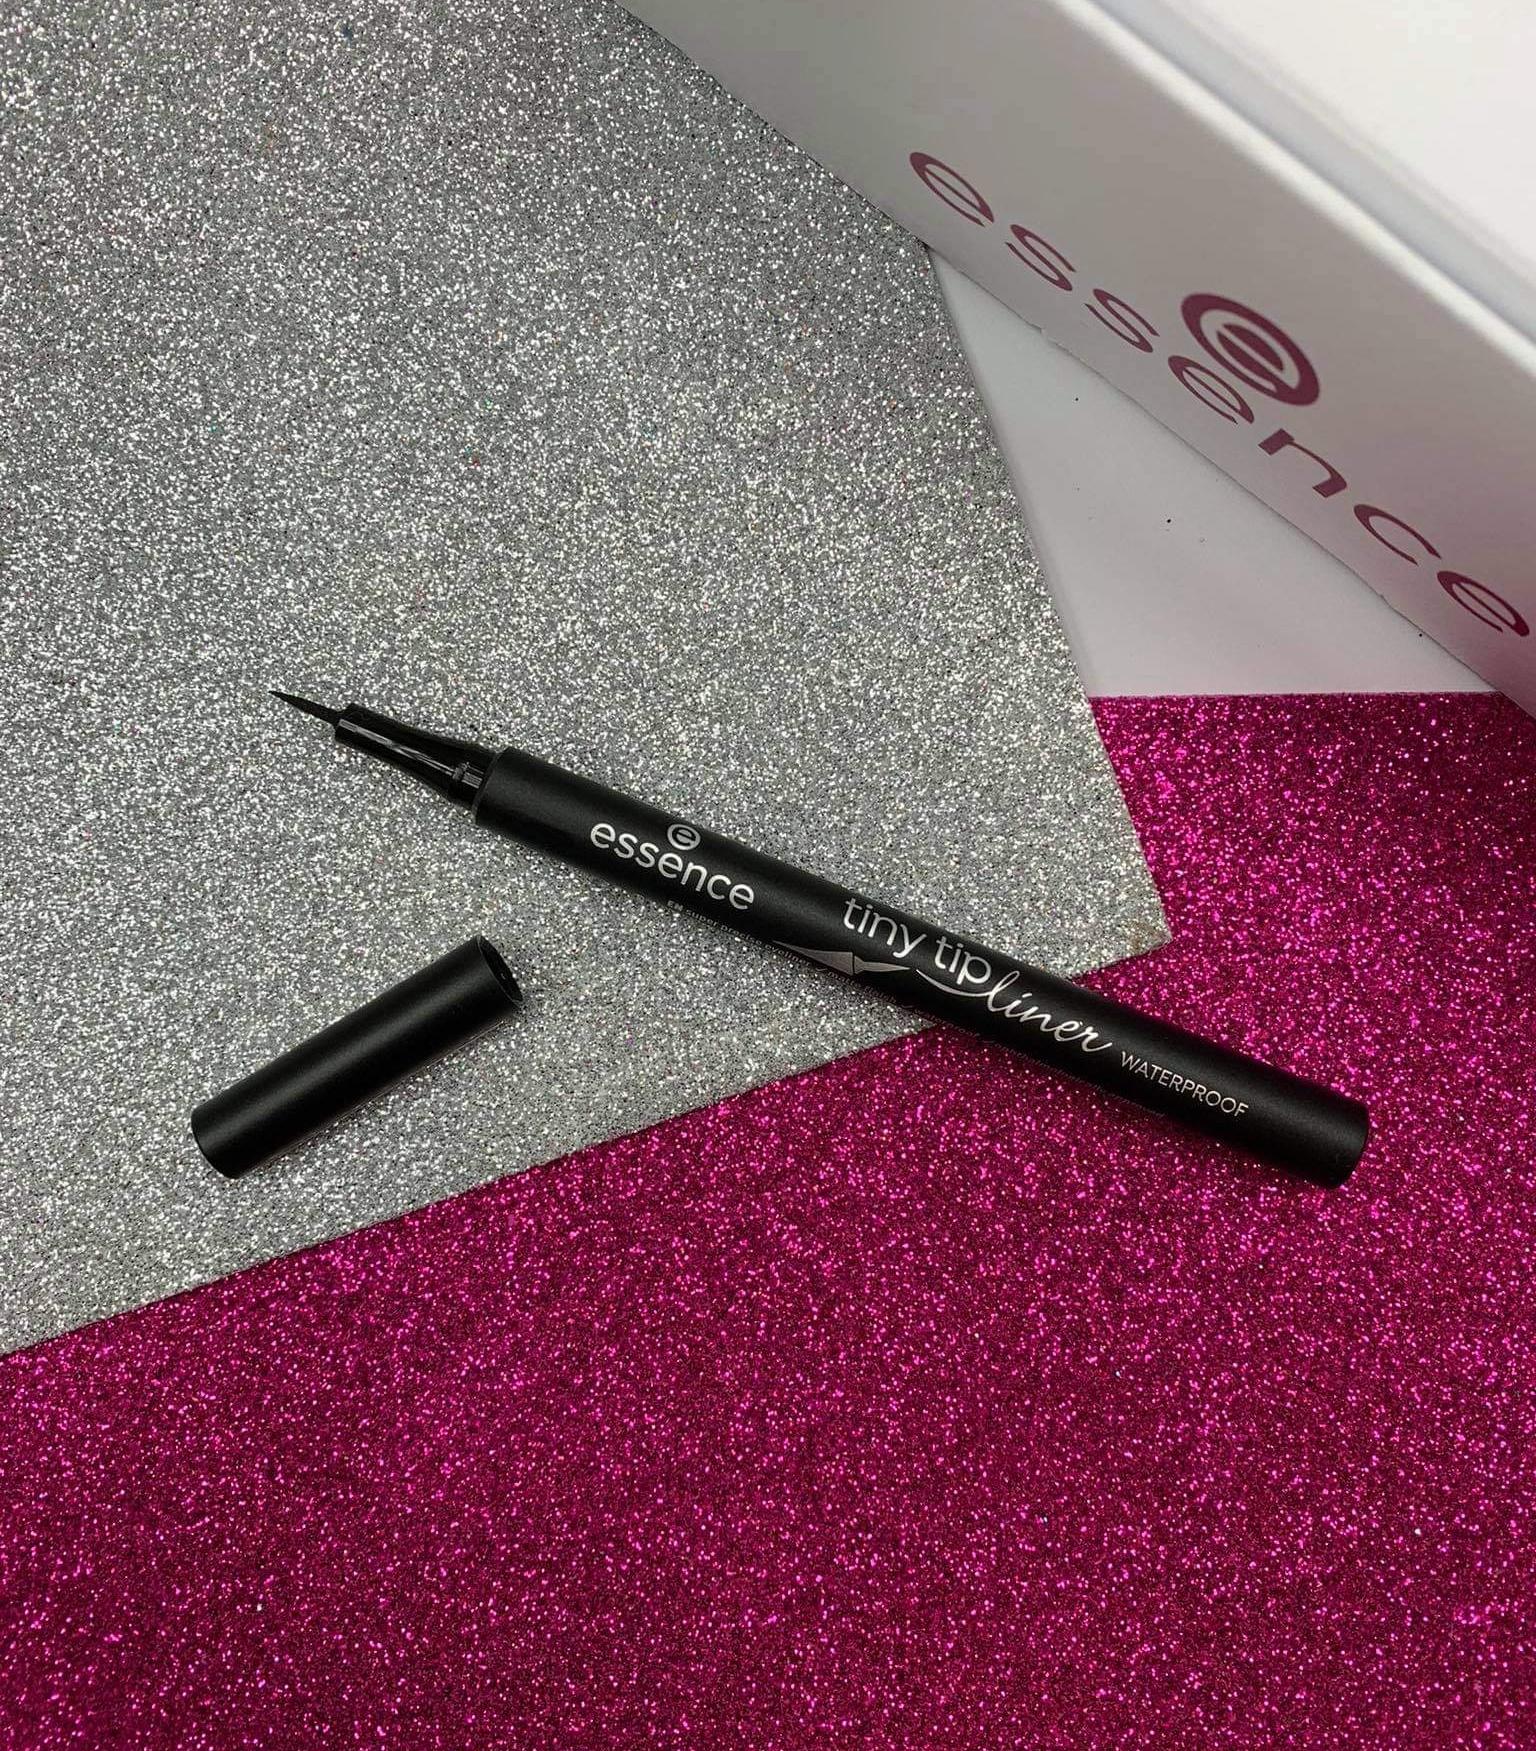 EYELINER tiny tip liner waterproof - wodoodporny eyeliner w pisaku Essence